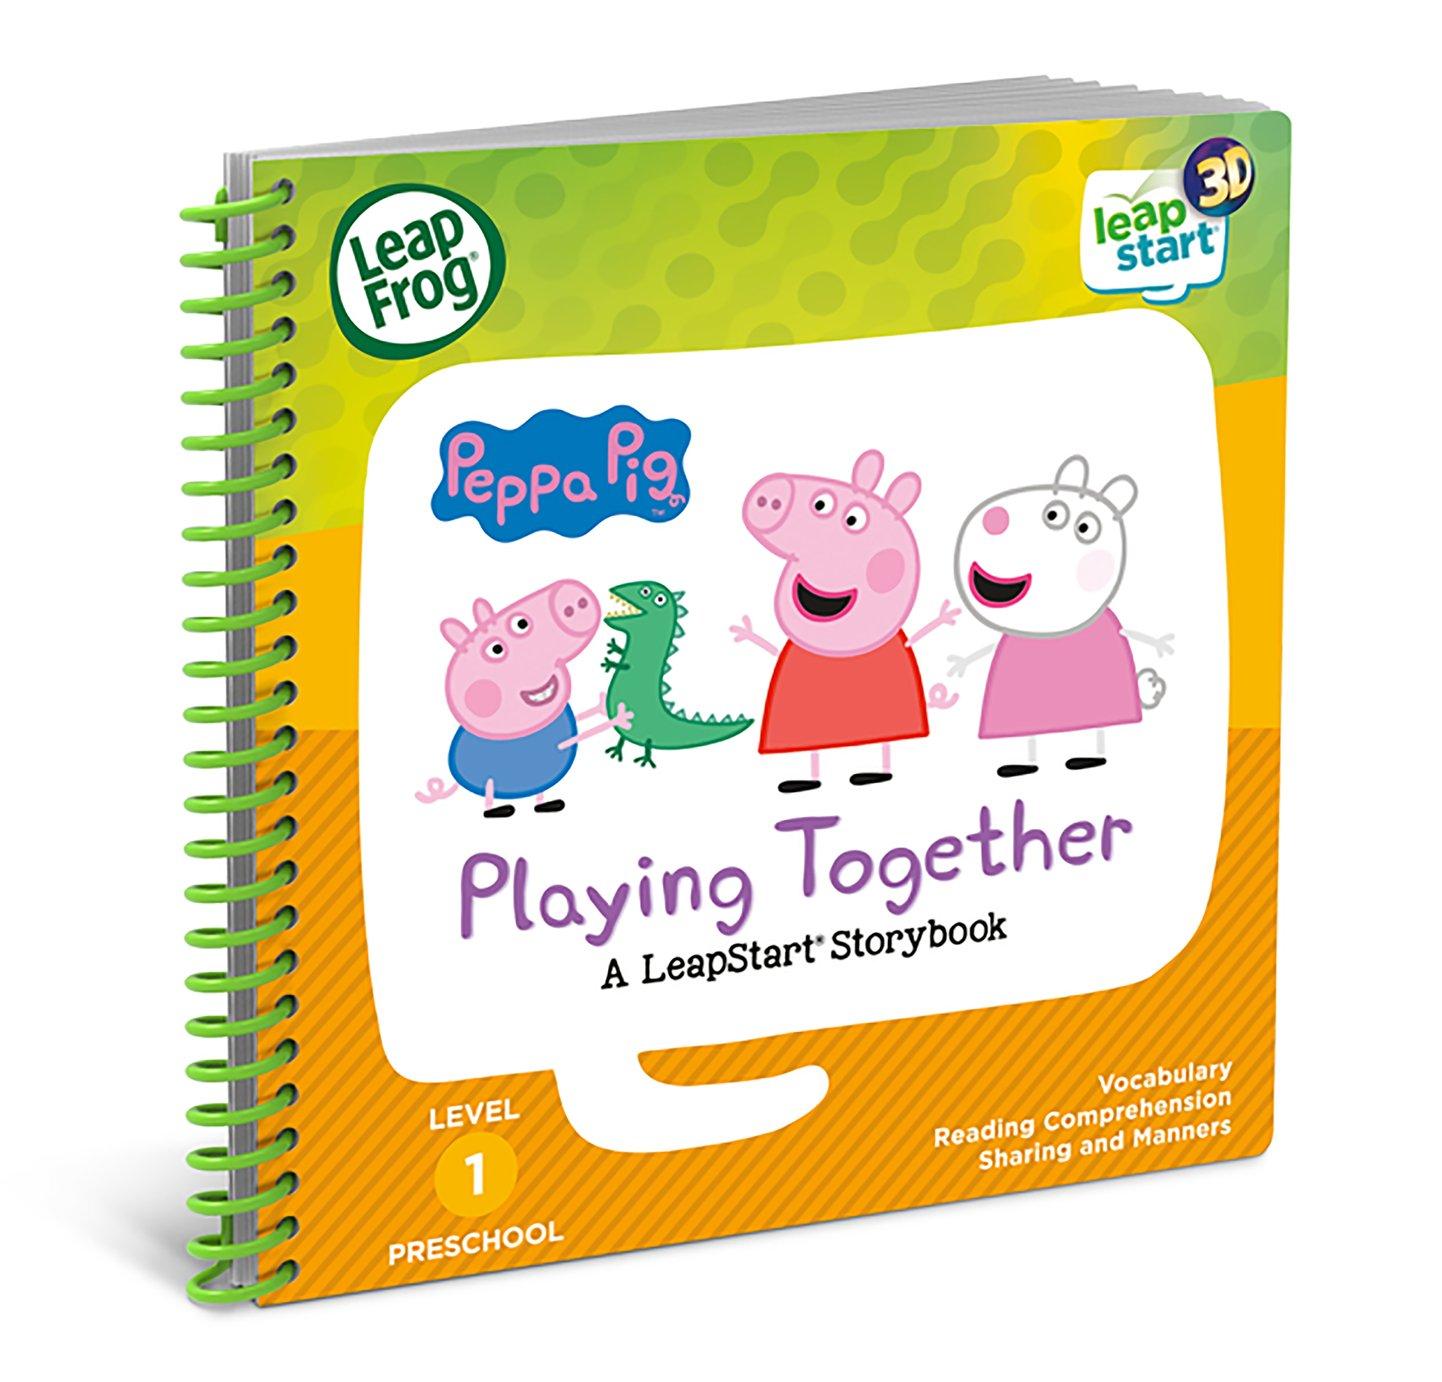 LeapStart Peppa Pig 3D Story Book